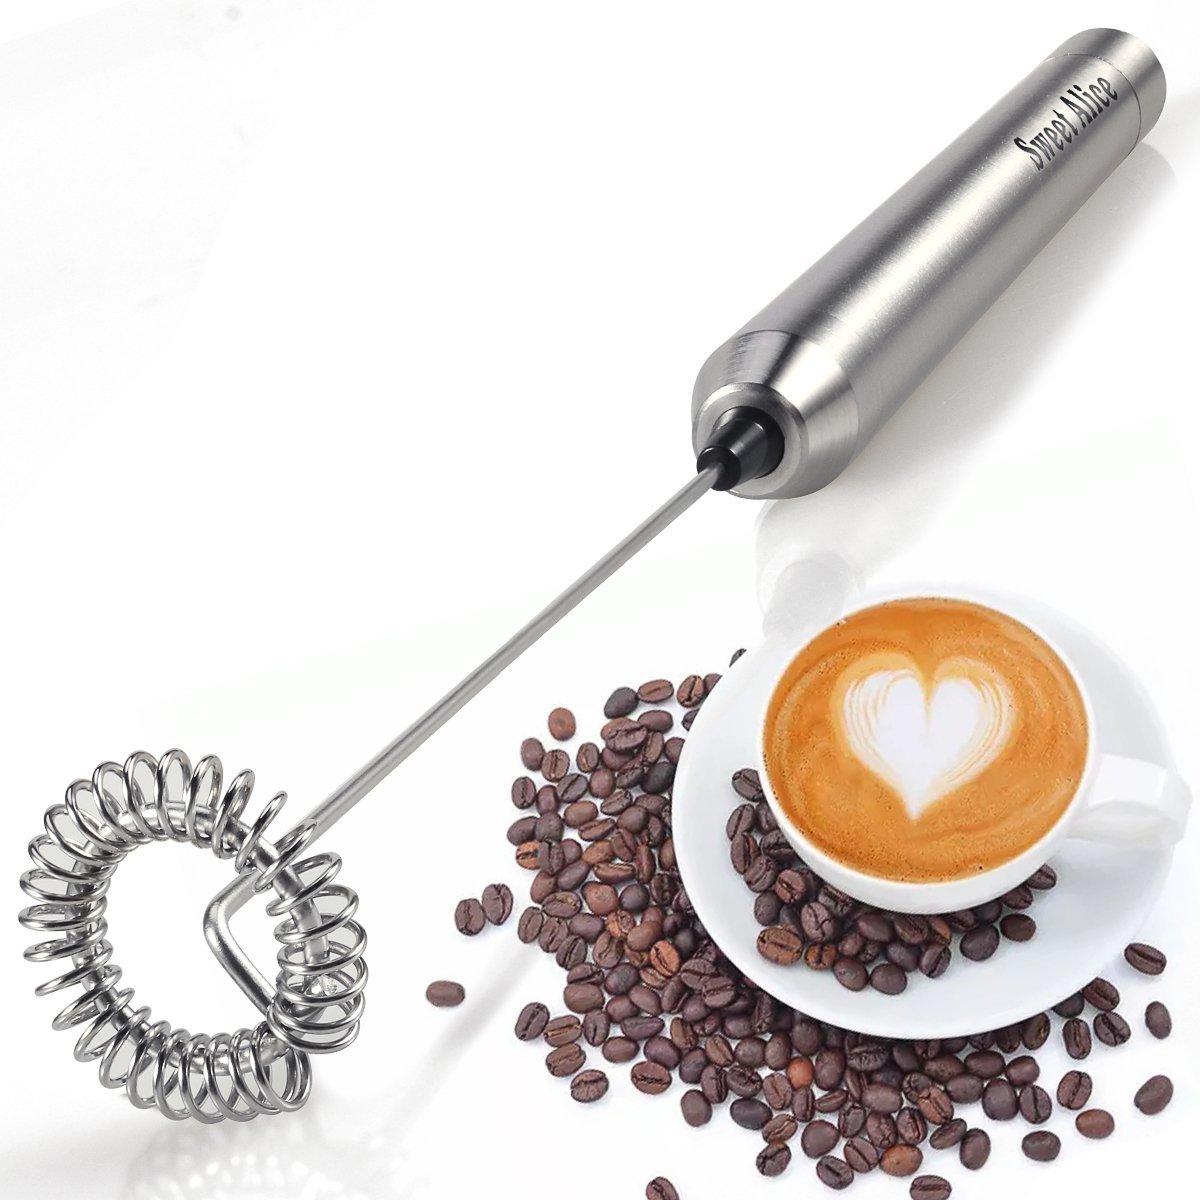 Espumadora de Leche eléctrica de Mano,Batidor de Leche vaporizador de Leche Dulce Alice, con batería, Boquilla de Leche automática de café Máquina de Leche ...